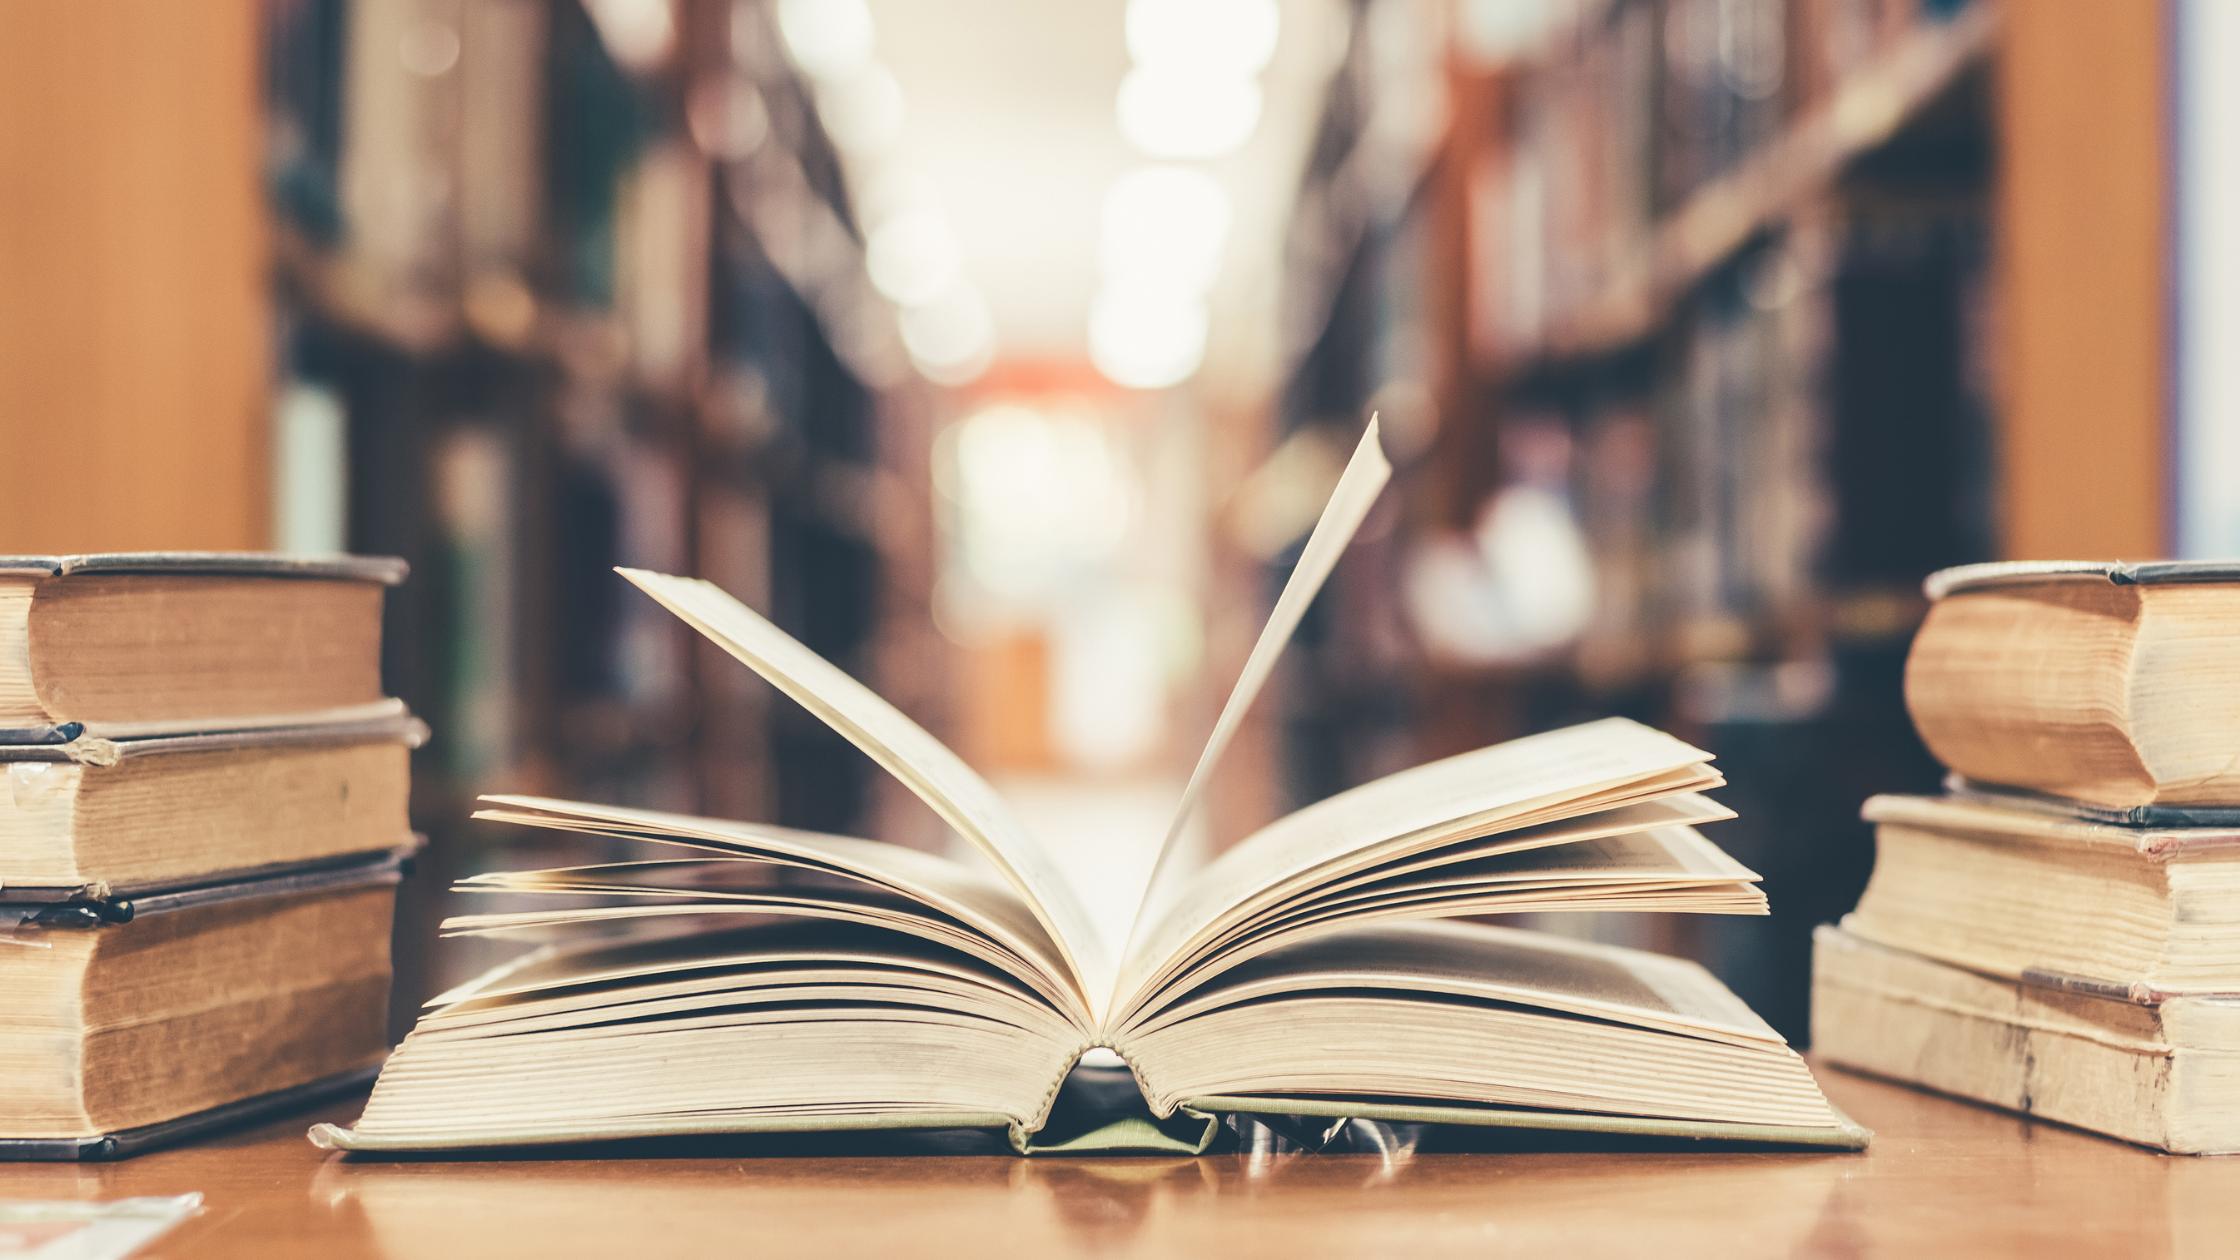 6 biografias que vão inspirar sua liderança e empreendedorismo